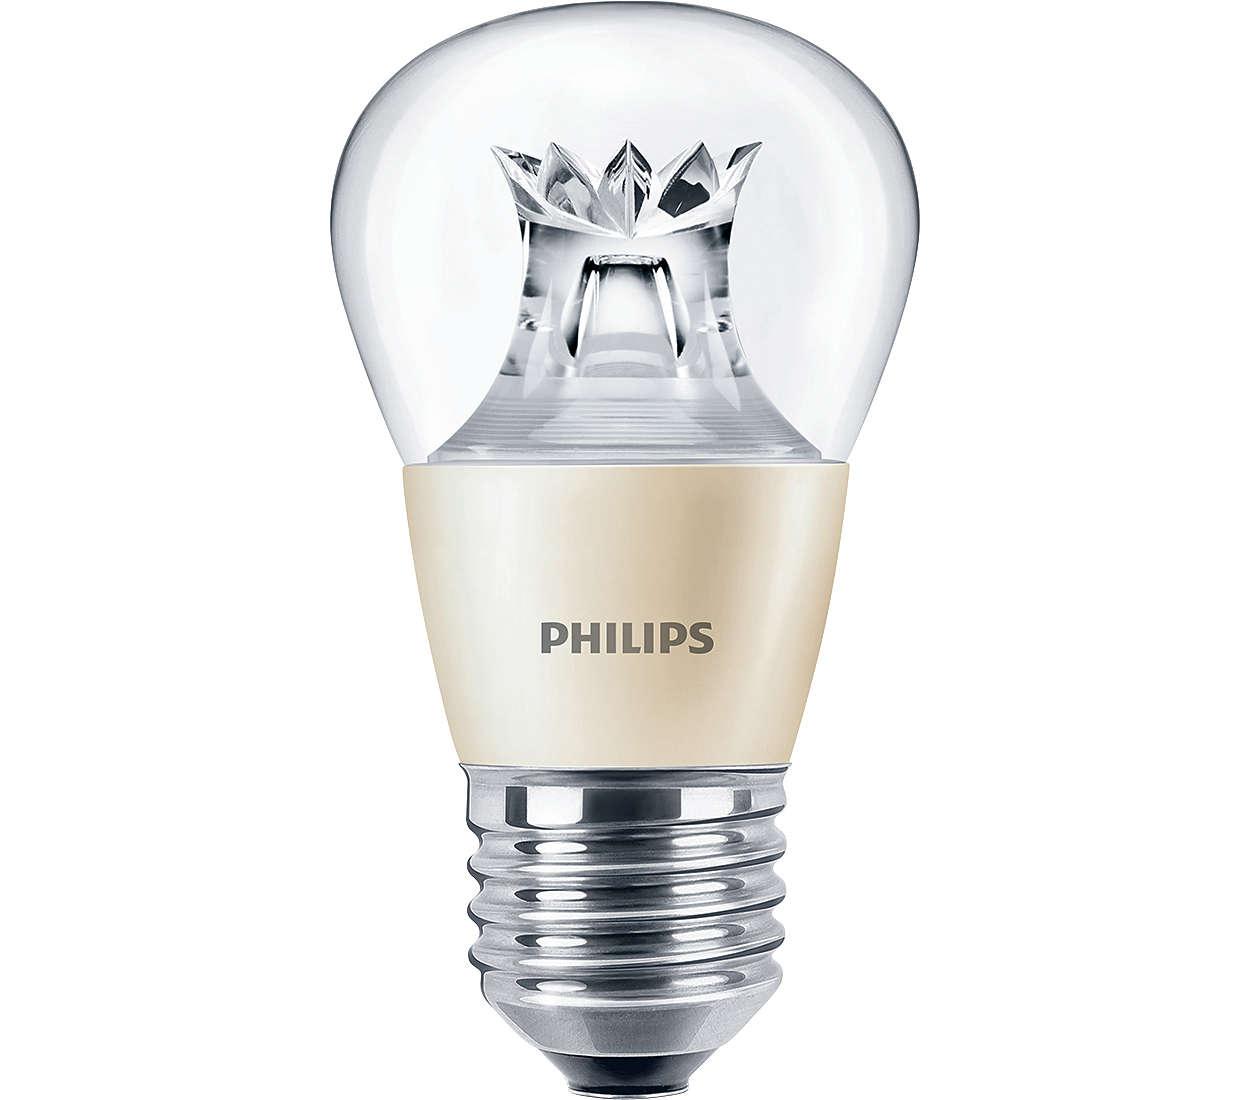 MASTER LEDlusters – лампы с привлекательным дизайном для люстр и декоративных светильников.